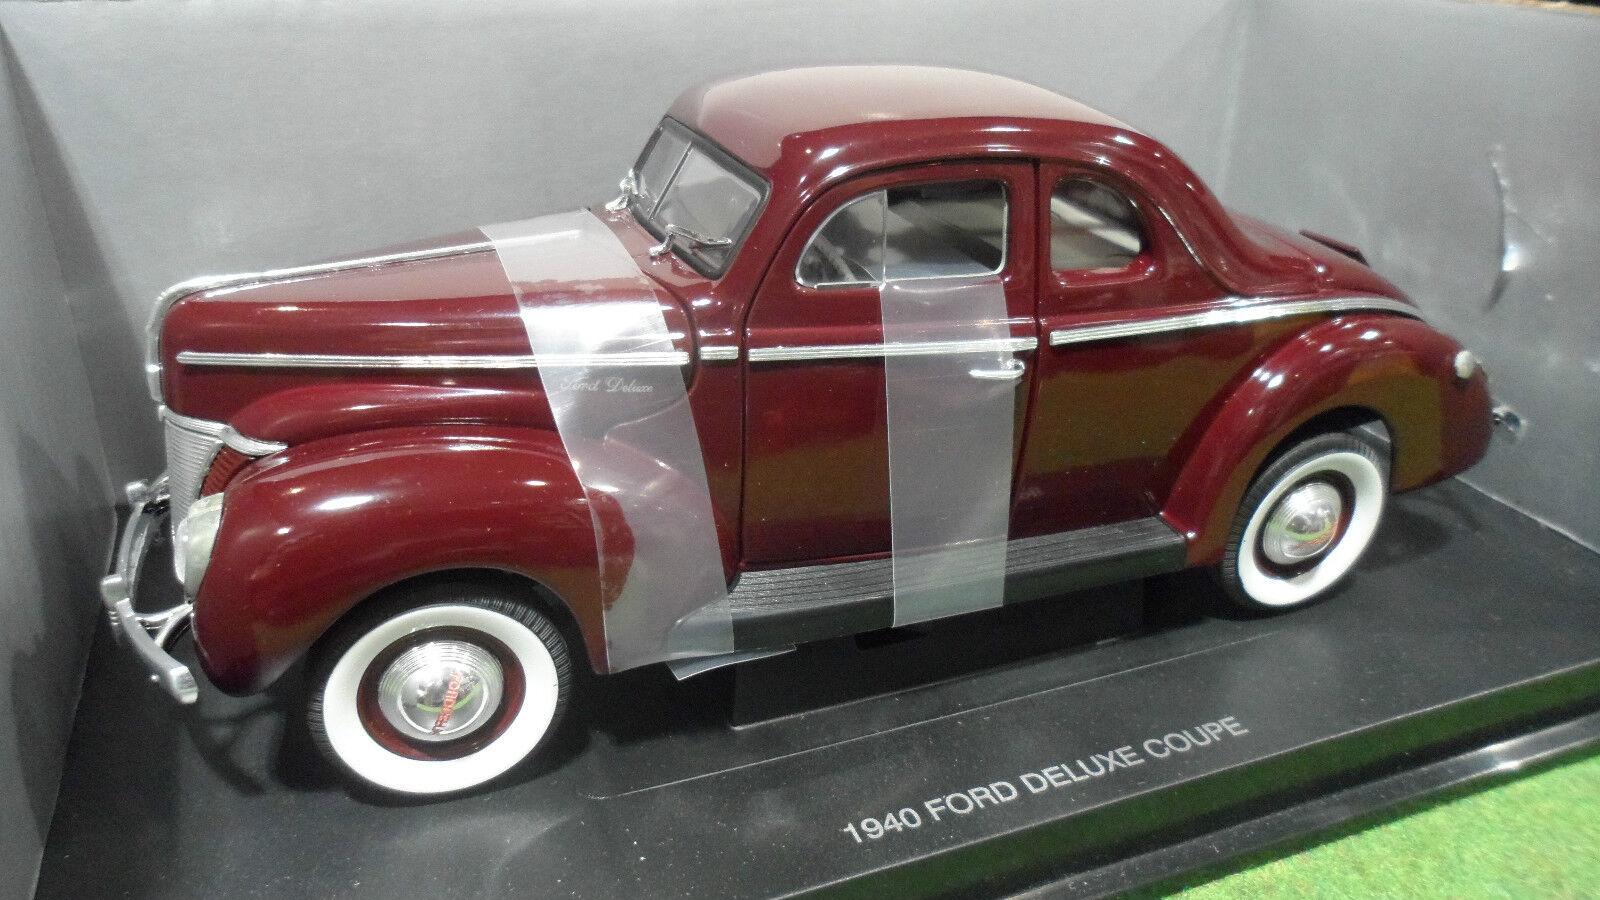 FORD  DELUXE COUPE 1940 bordeaux 1 18 UNIVERSAL HOBBIES voiture miniature collect  vente discount en ligne